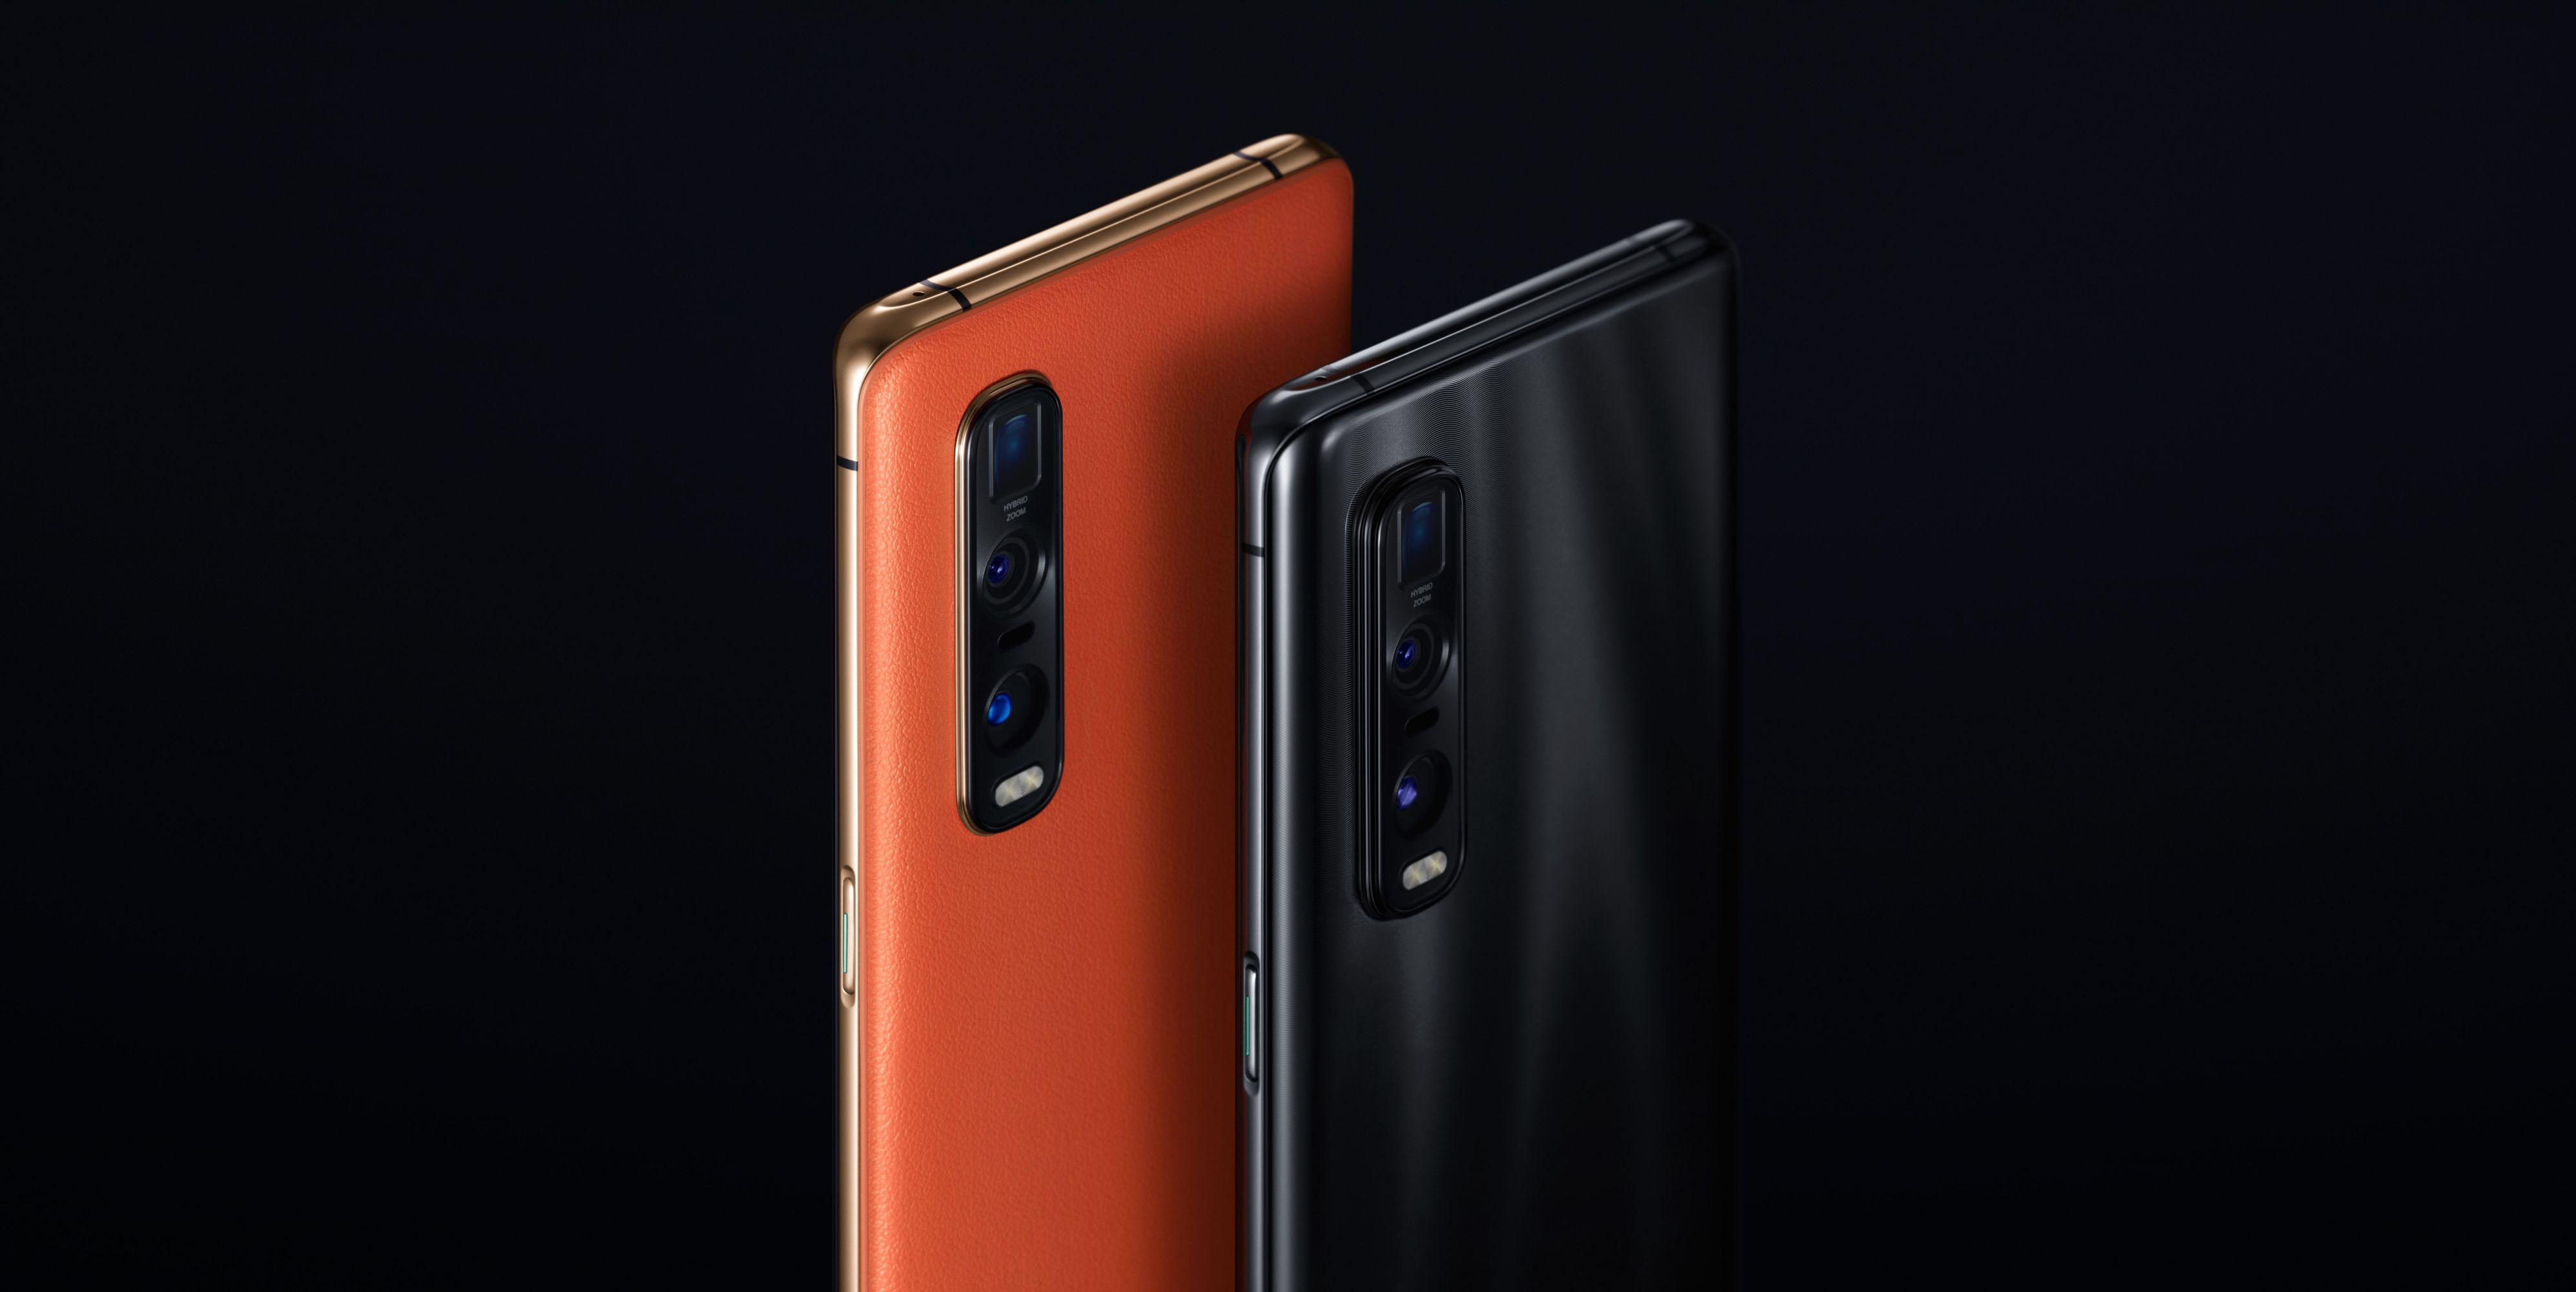 Find X2 Pro: Oppos 5G-Smartphone mit Periskoptele kostet 1.200 Euro - Das Find X2 Pro ist das besser ausgestattete der zwei neuen Oppo-Smartphones. (Bild: Oppo)